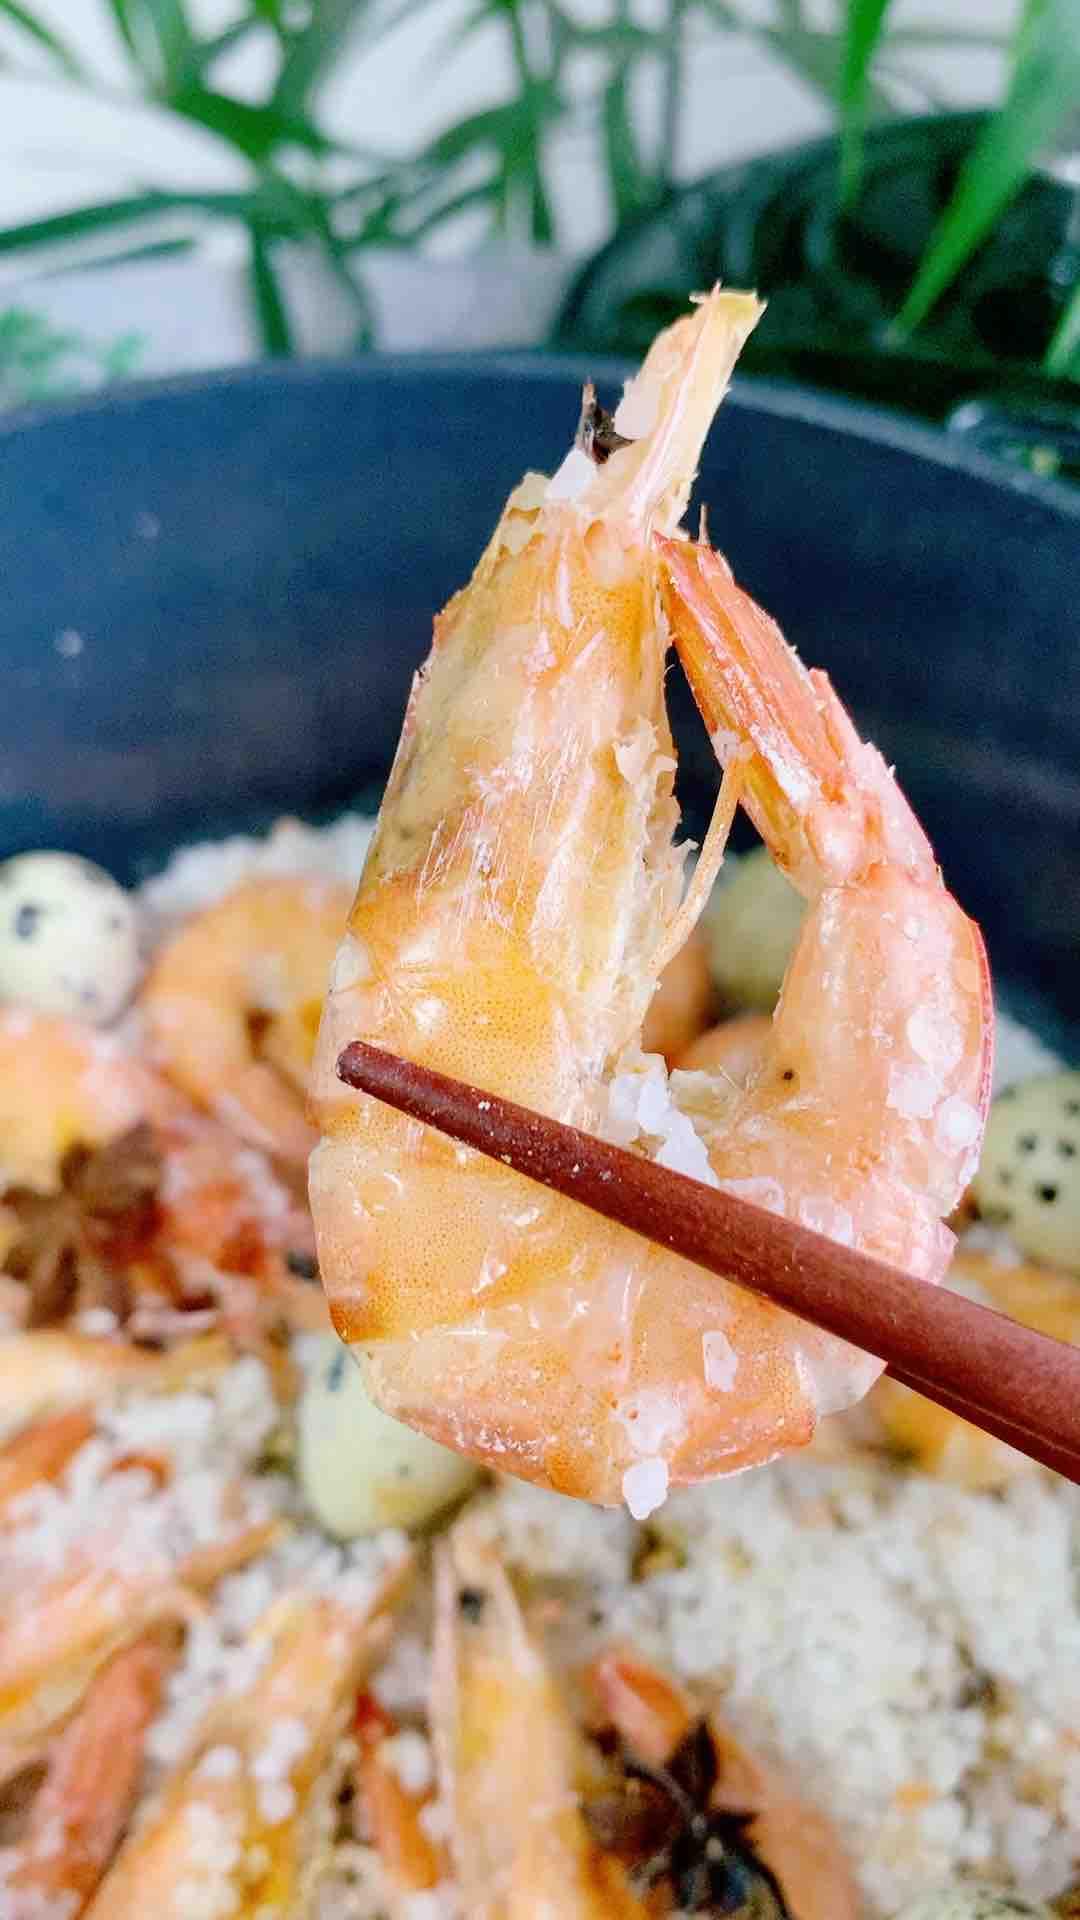 只用一包盐,做一锅盐焗虾的做法